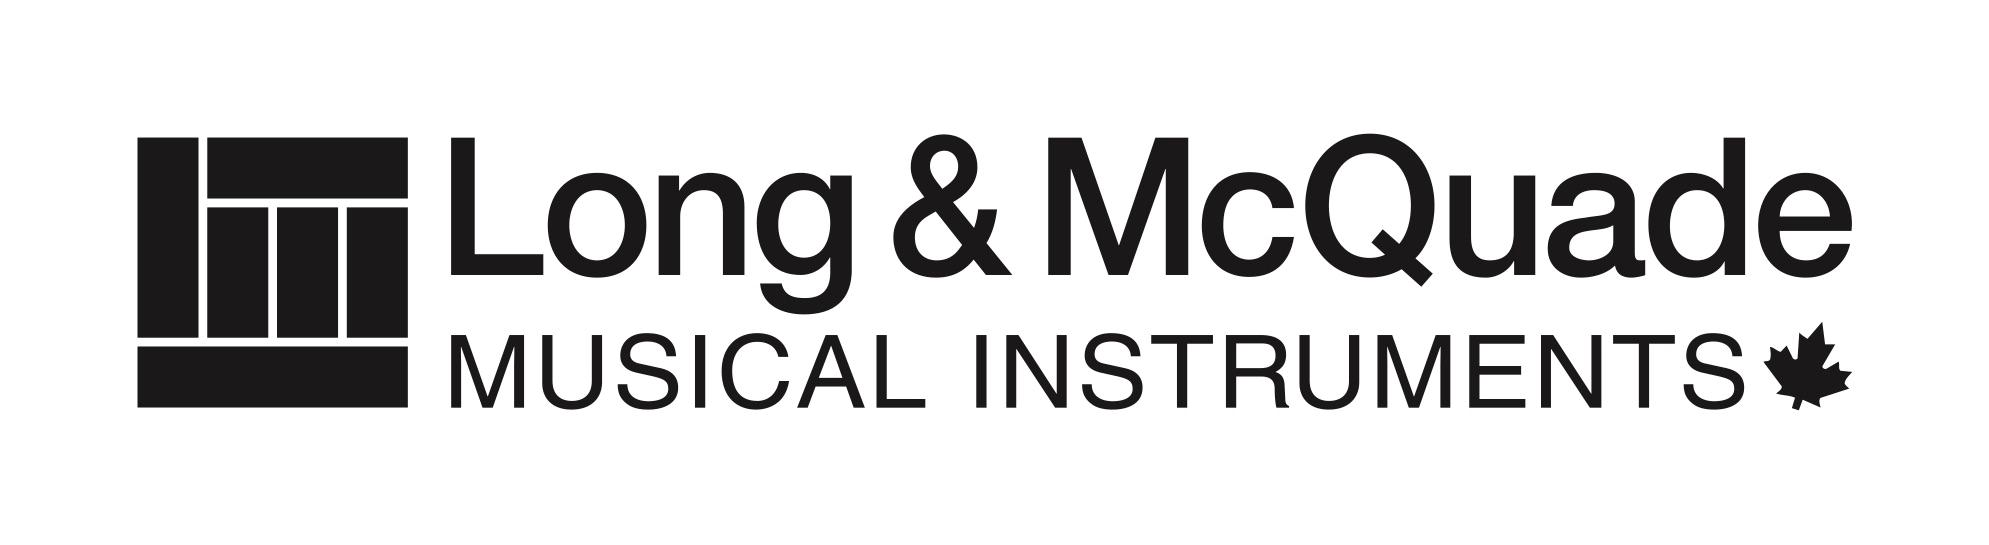 logo-monochrome.png